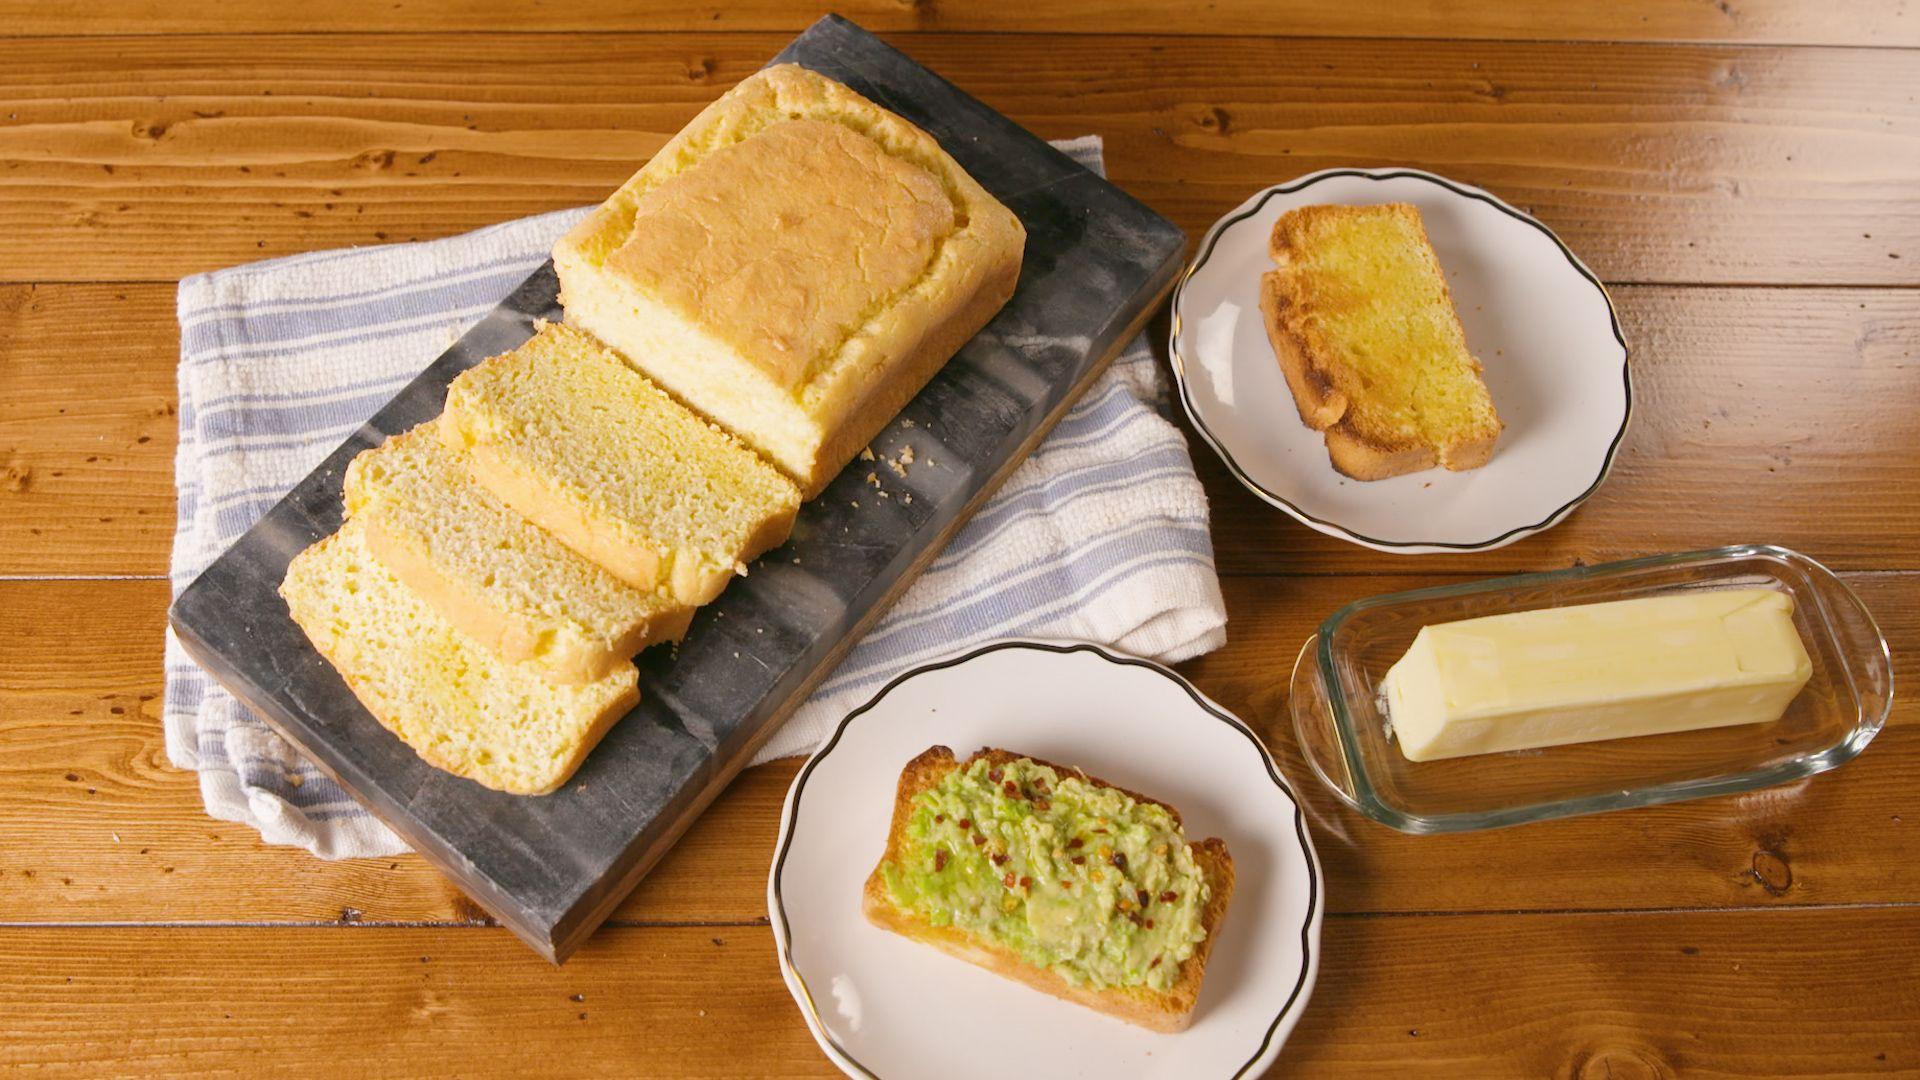 Keto Bread Recipe How To Make 90 Second Keto Bread